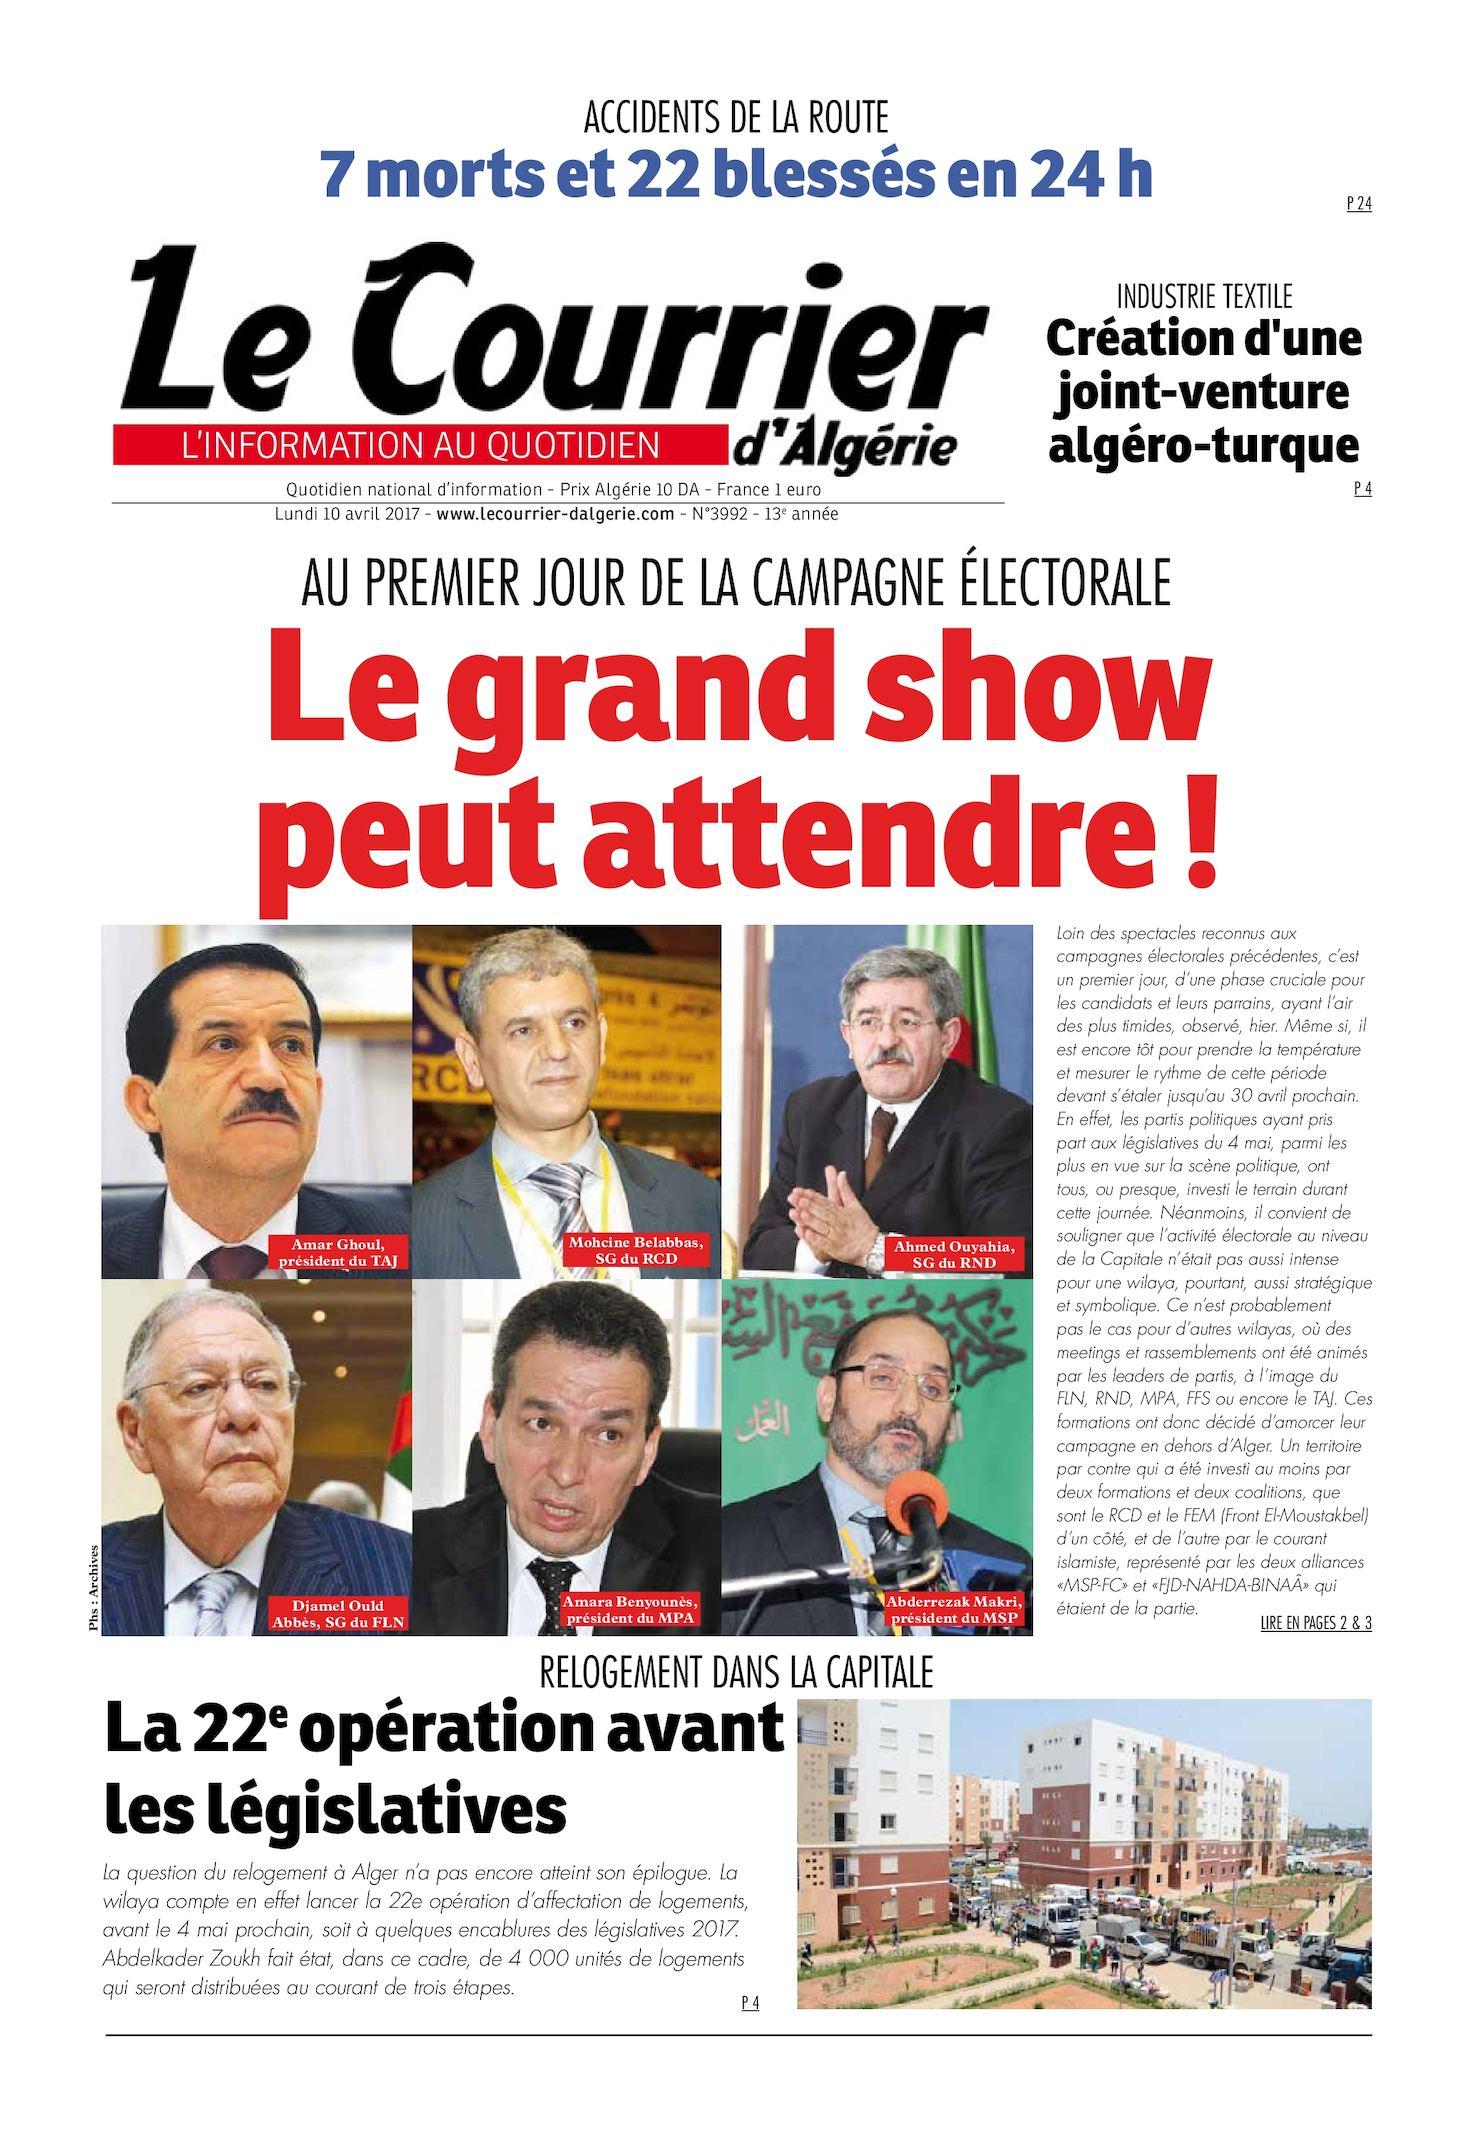 Courrier Du Lundi 10 Avril Le Calaméo 2017 D'algérie dQhtsCr